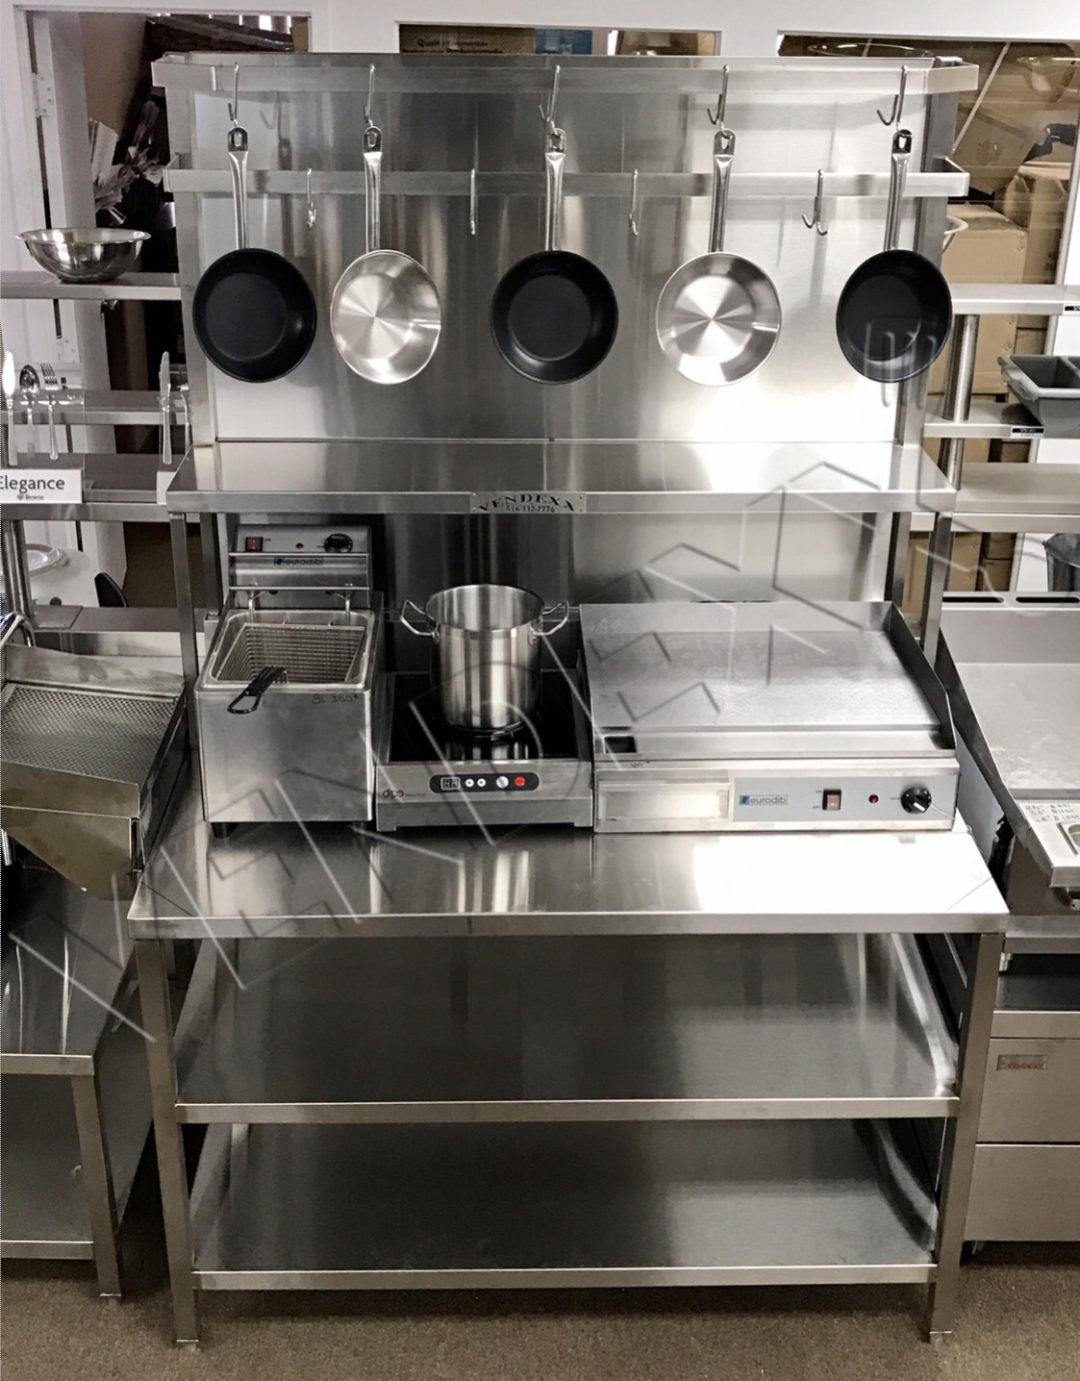 Station culinaire – Vendexx St-Laurent Montréal